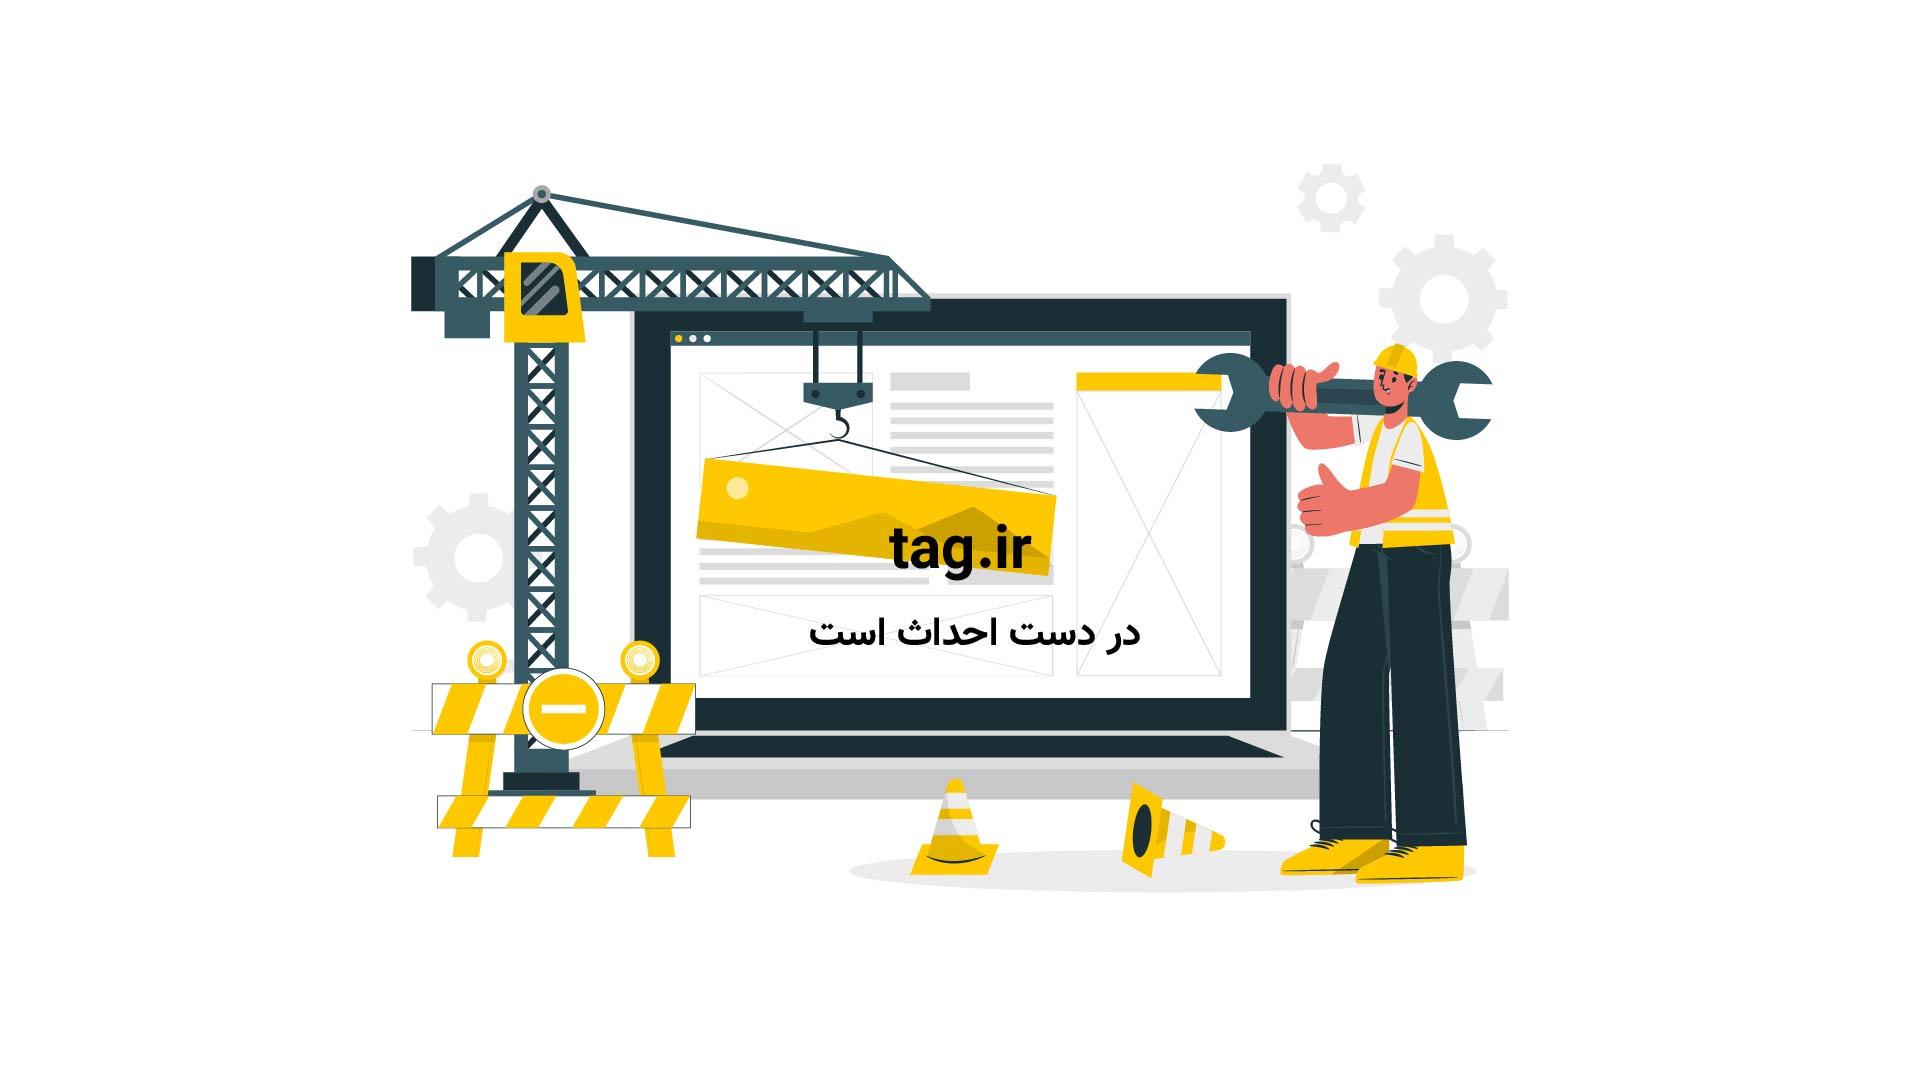 عناوین روزنامههای صبح سهشنبه ۲ آبان | فیلم